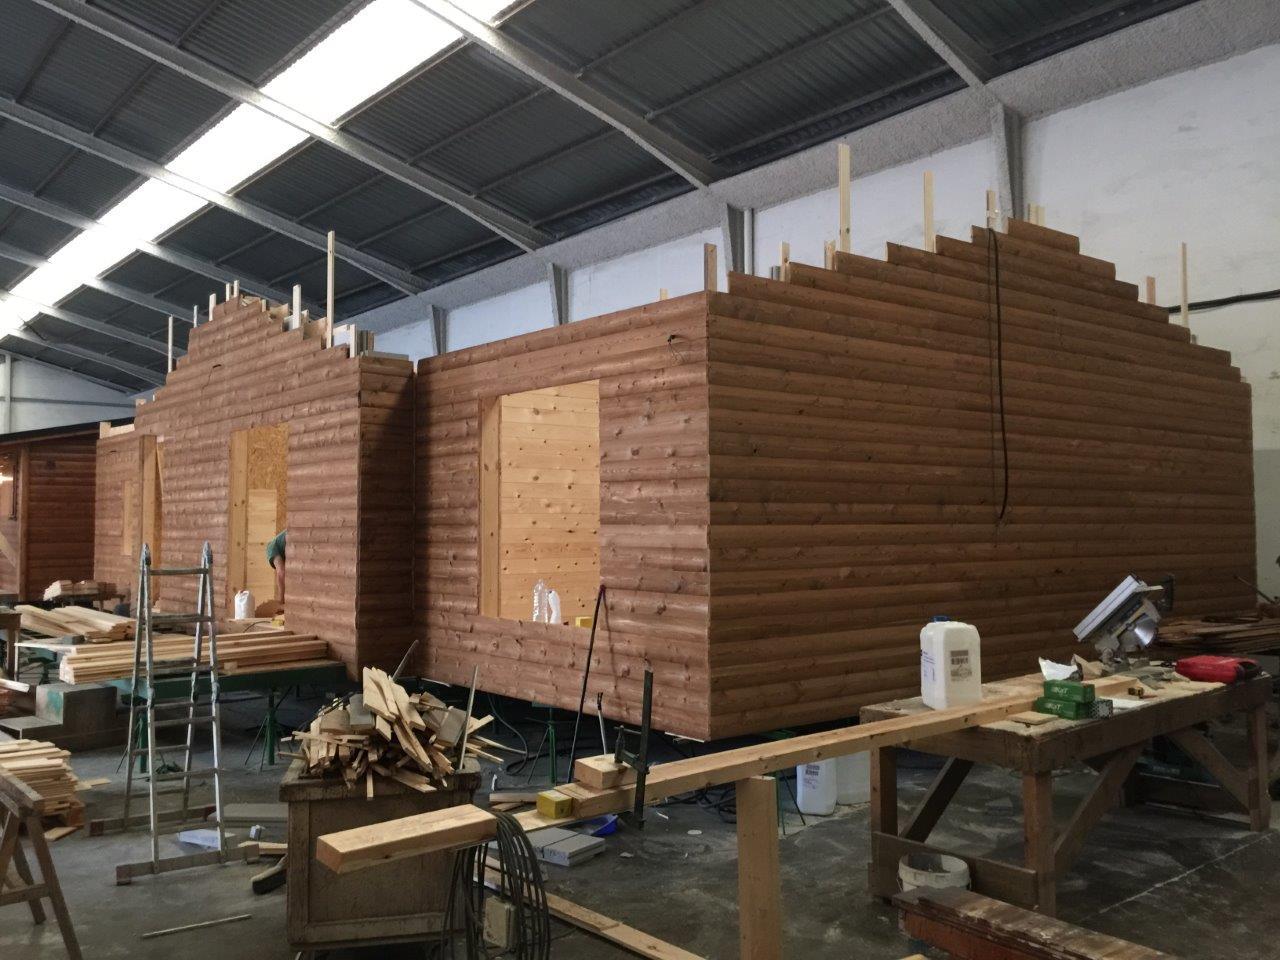 Construyendo casas de madera en nuestra fabrica - Fabrica de casas de madera ...